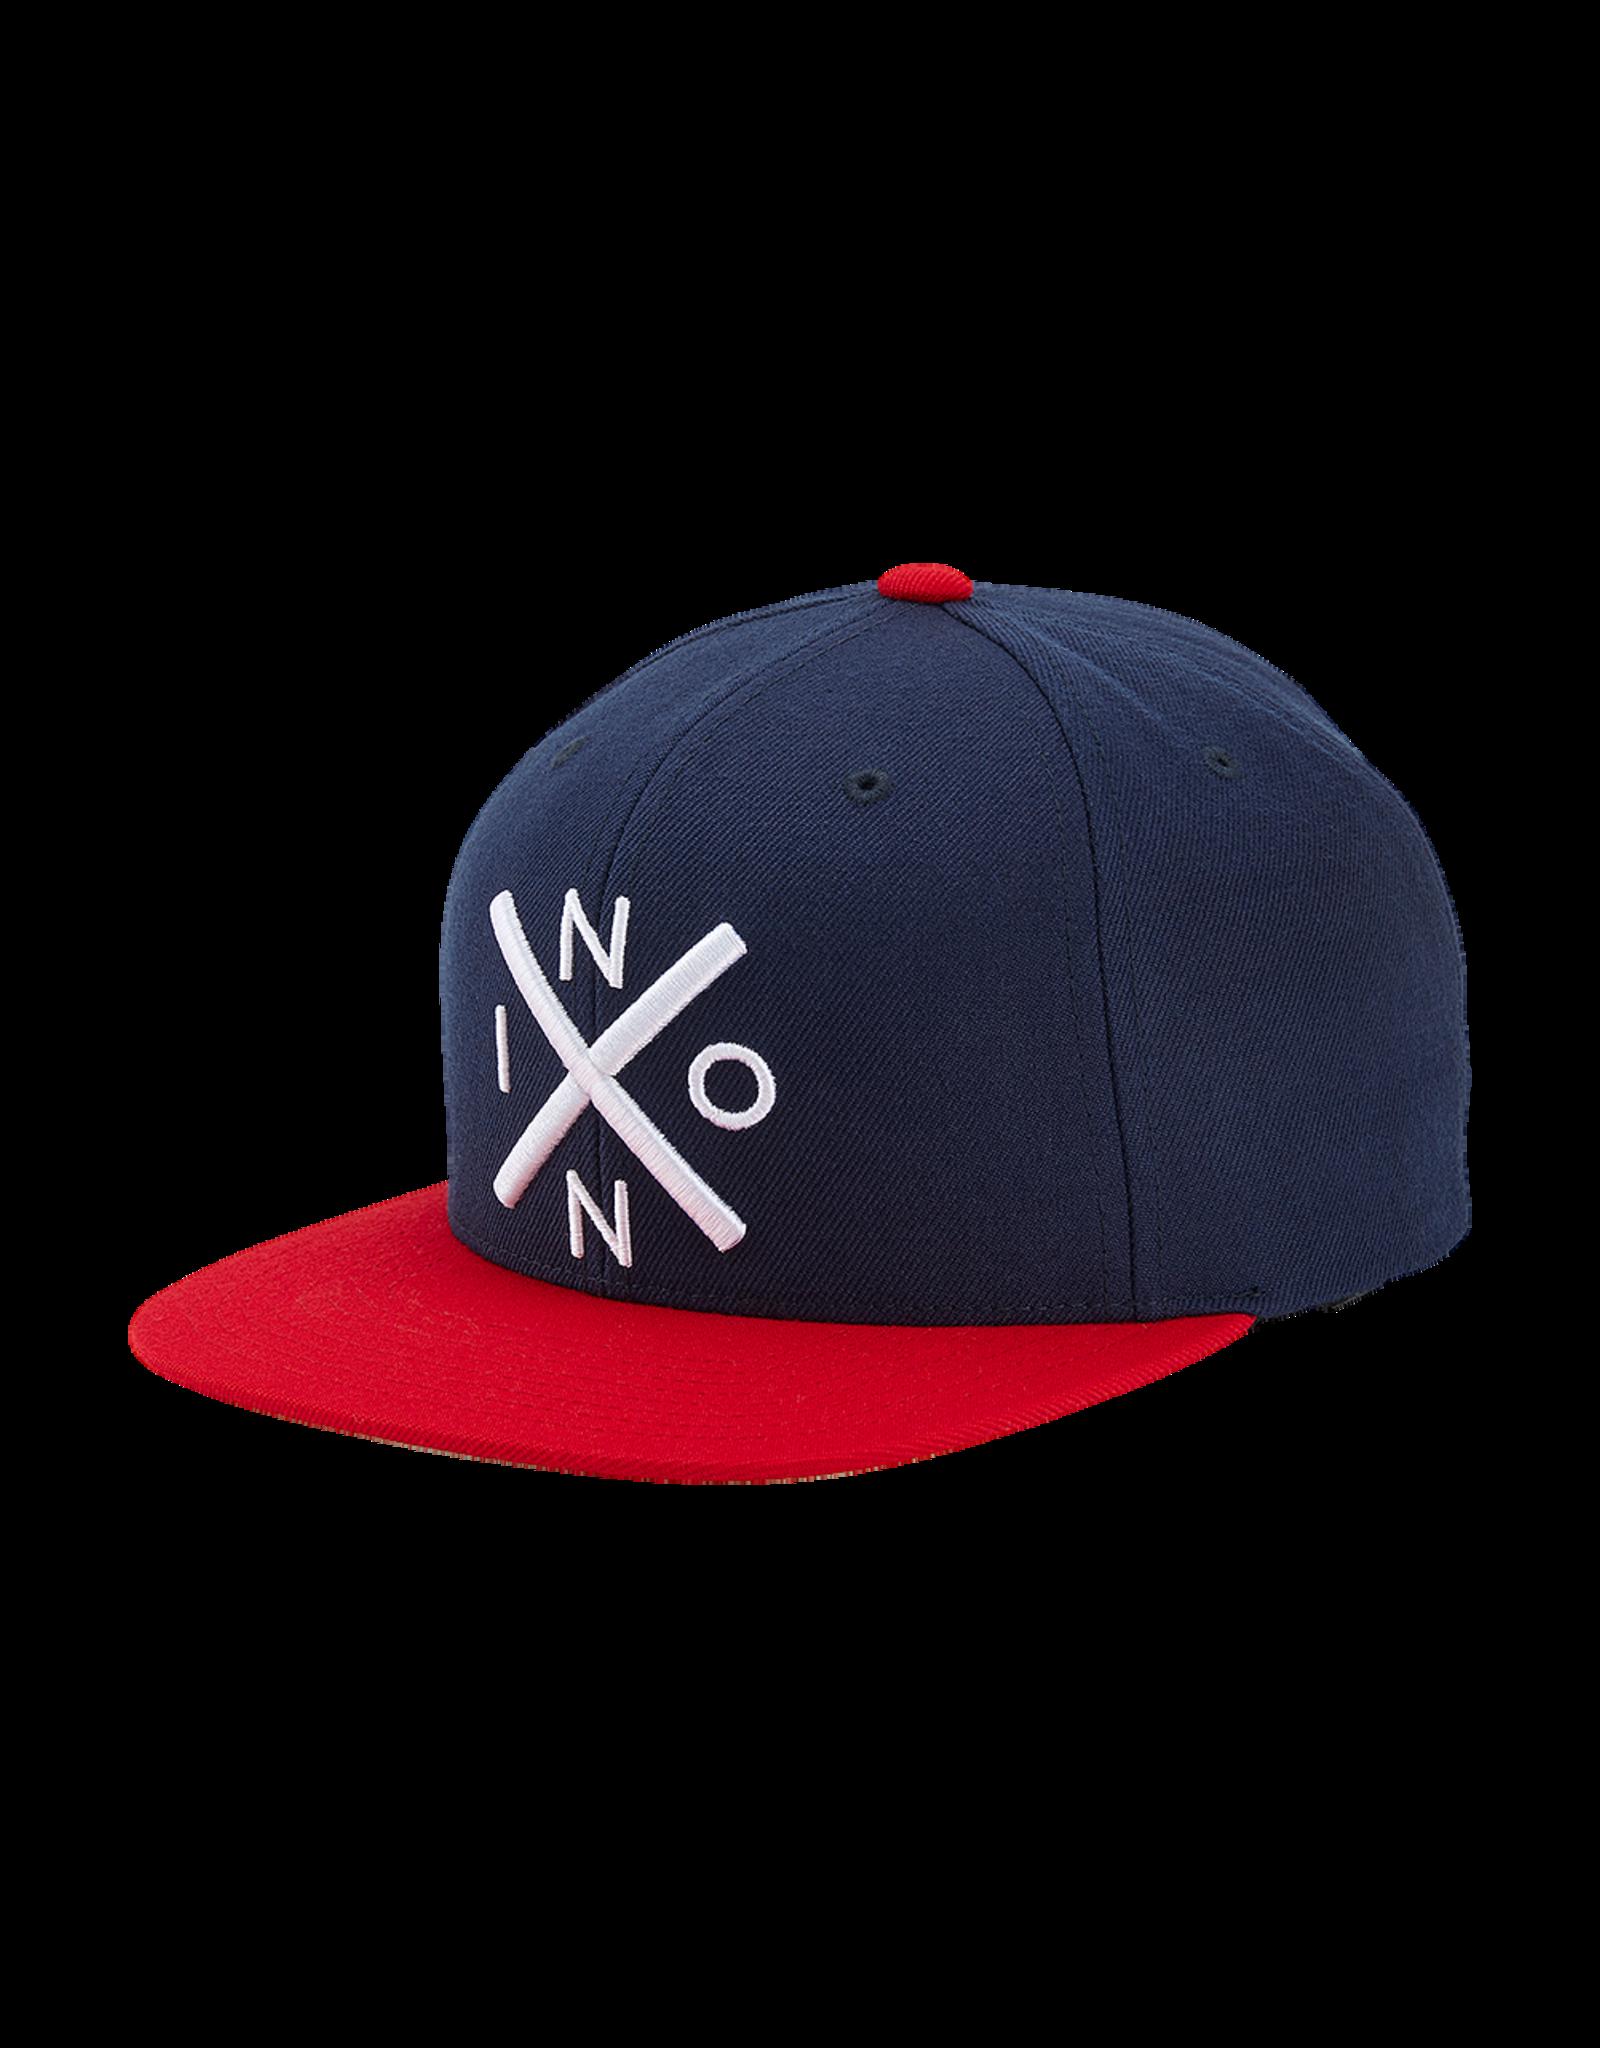 nixon Nixon - Casquette homme exchange snapback navy/red